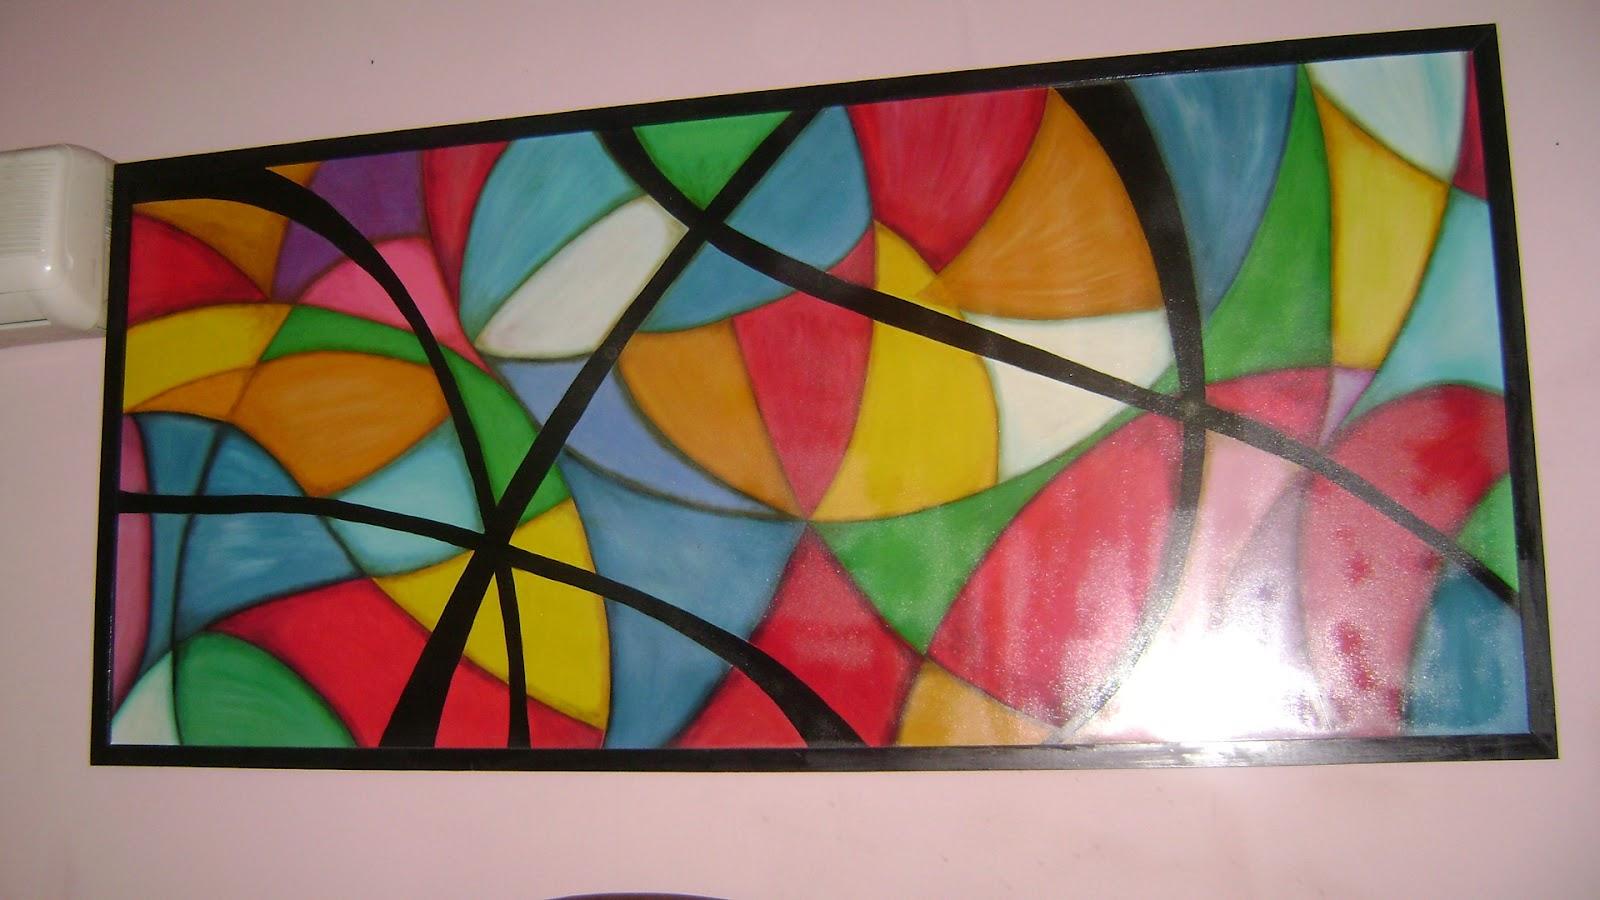 Cuadros artesanias cuadros pintados con oleo - Cuadros pintados con spray ...